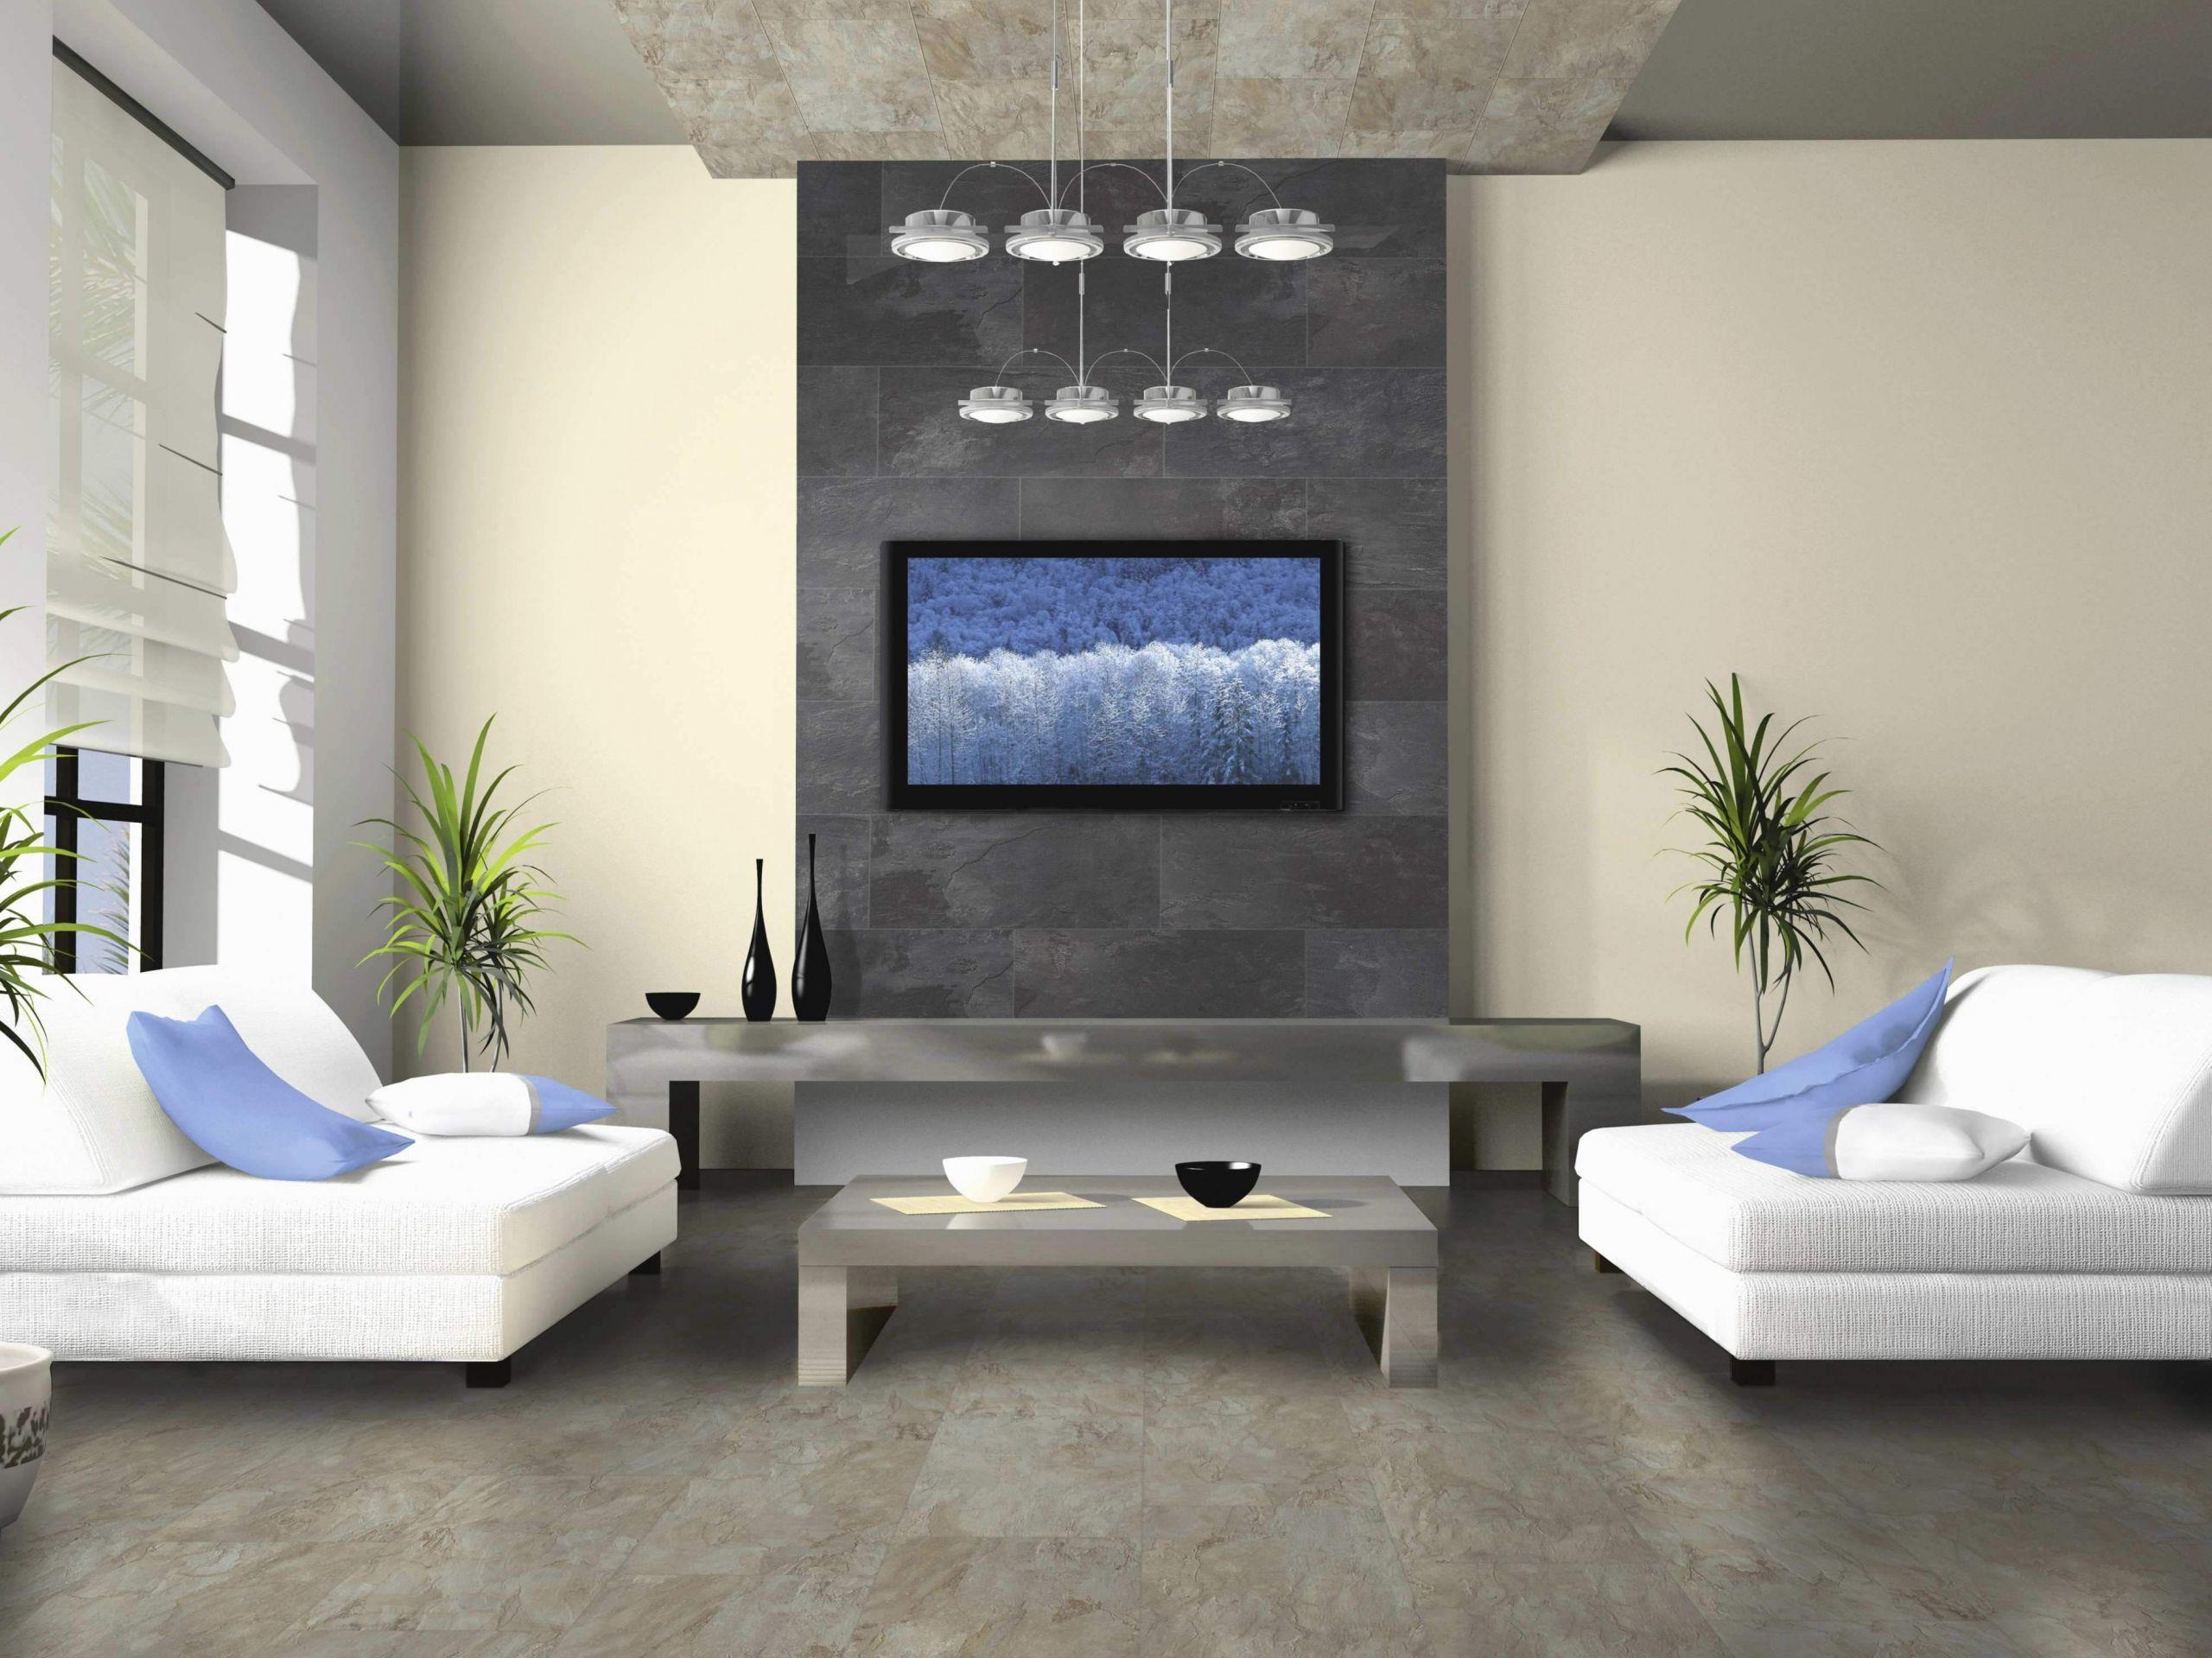 Kamin Garten Genial Wohnzimmer Mit Kamin Luxus Wohnzimmer Wand 0d Garten Anlegen